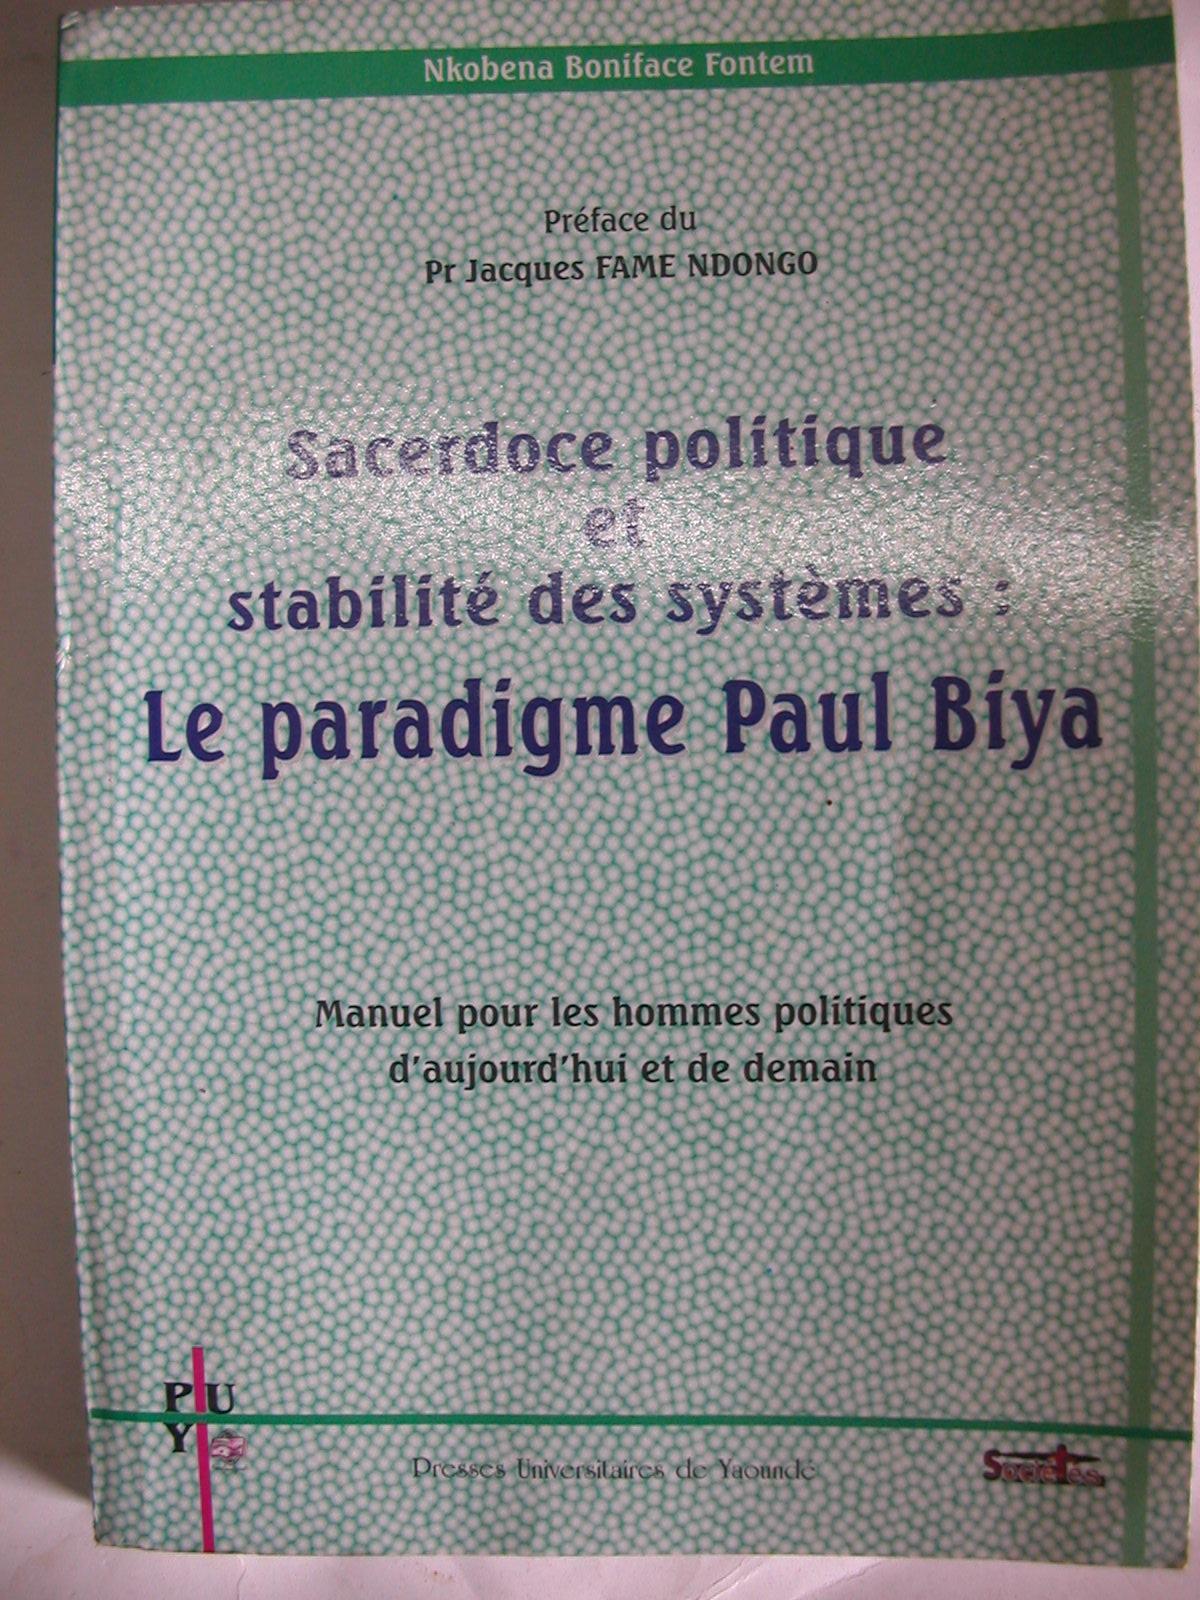 Sacerdoce politique et stabilité des systèmes, le paradigme Paul Biya (2008)1